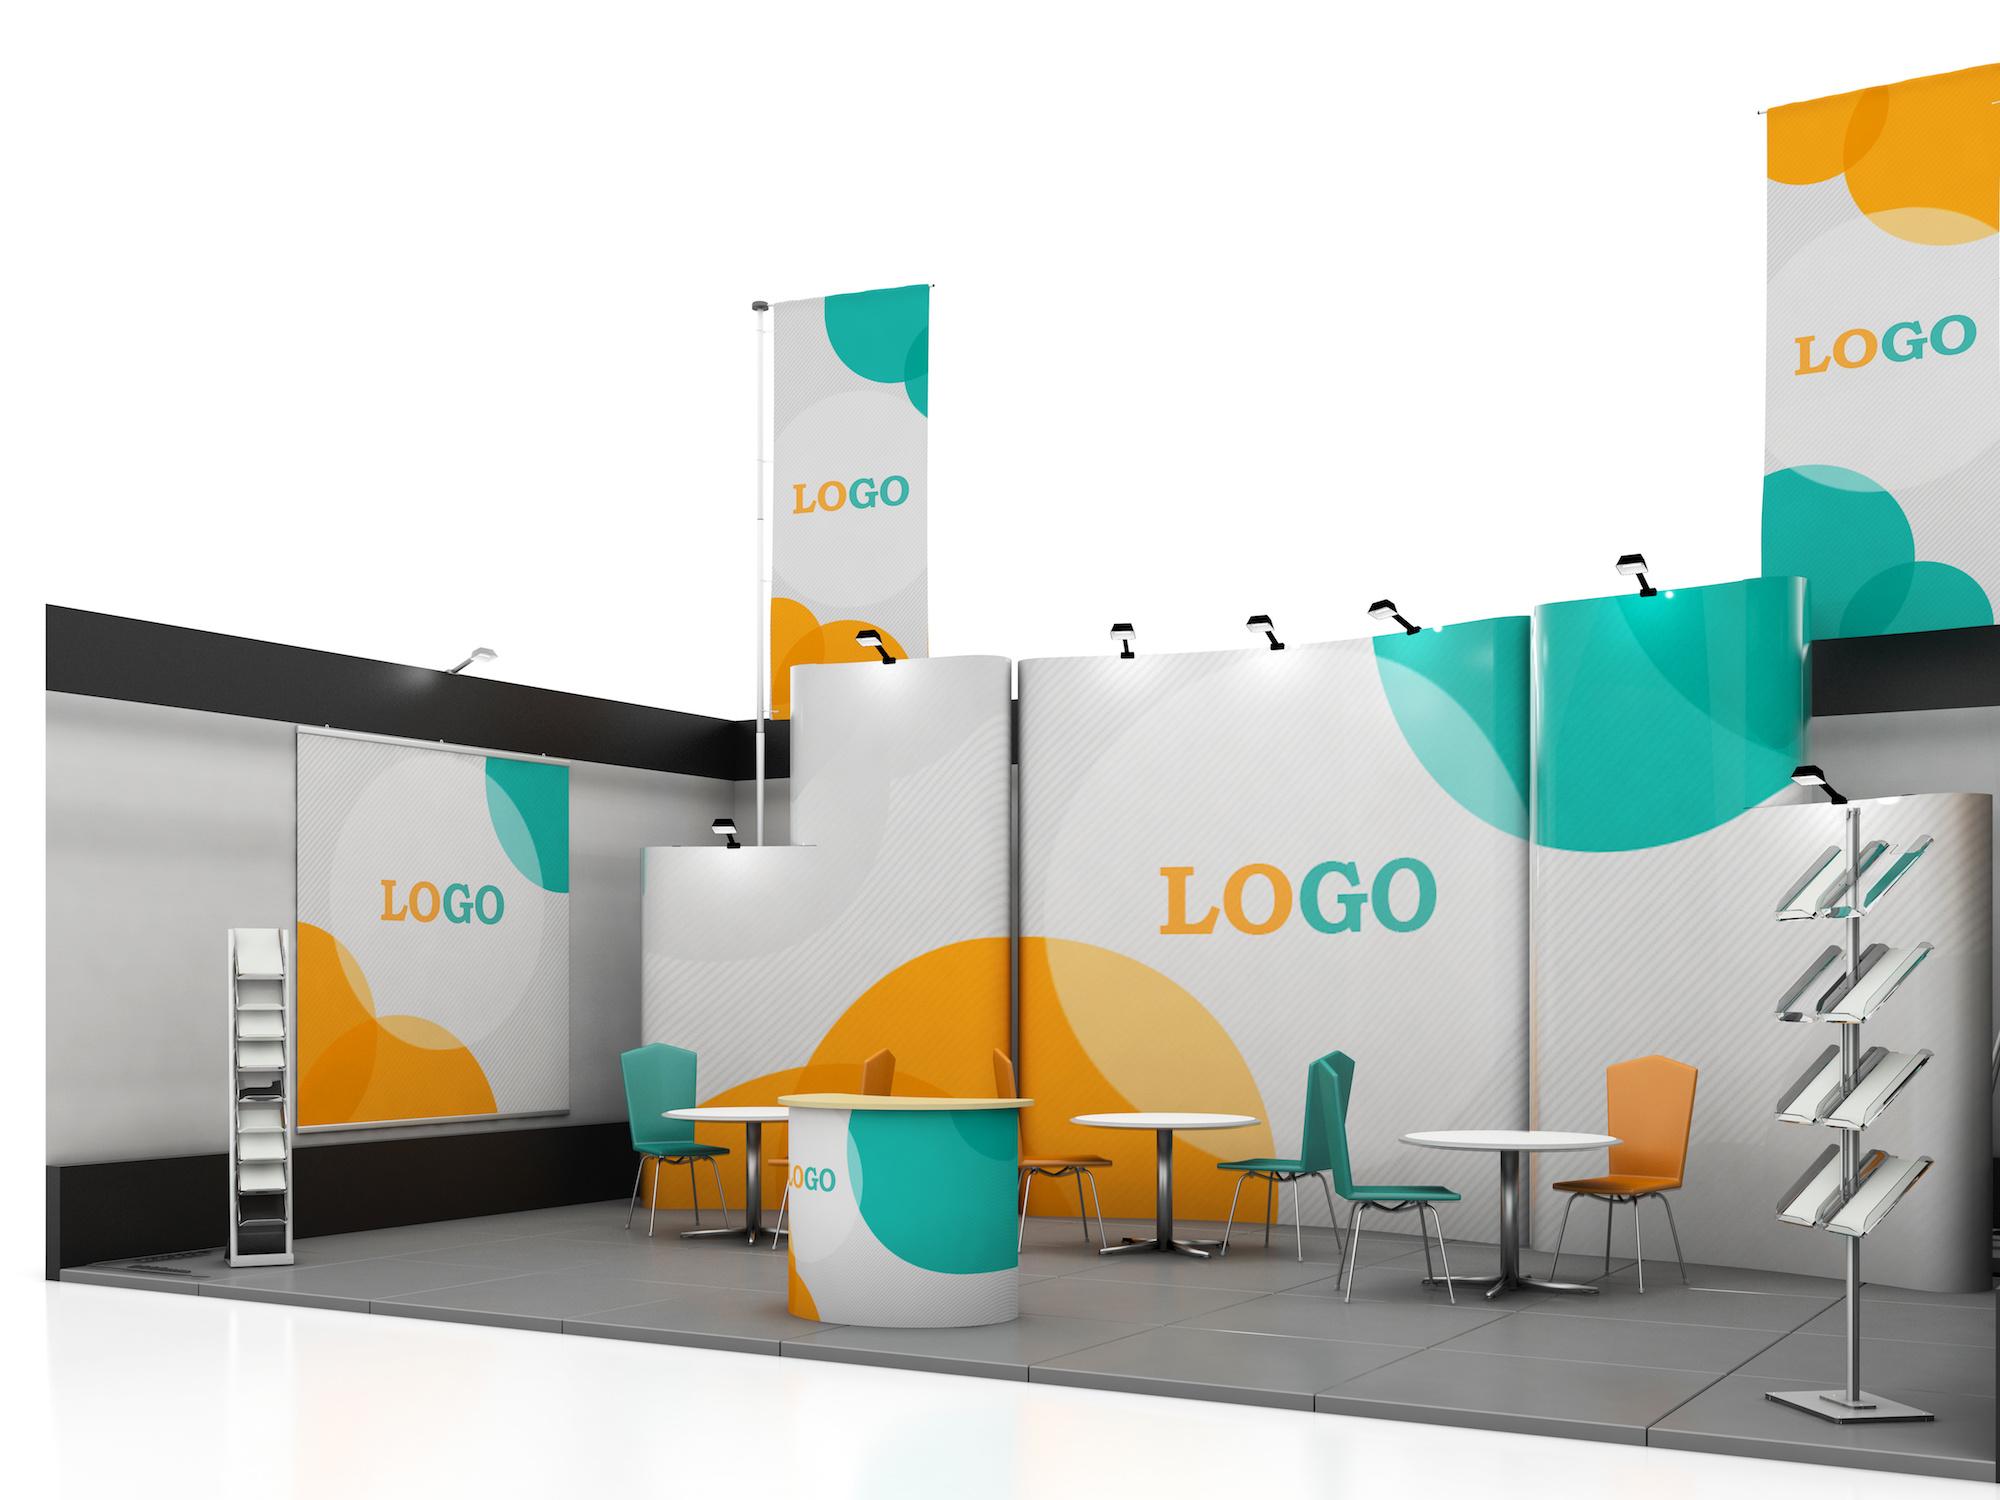 Diseño de stand de exposición creativa en blanco con formas de color. Plantilla de stand. Marcas corporativas e identidad corporativa. Render 3d